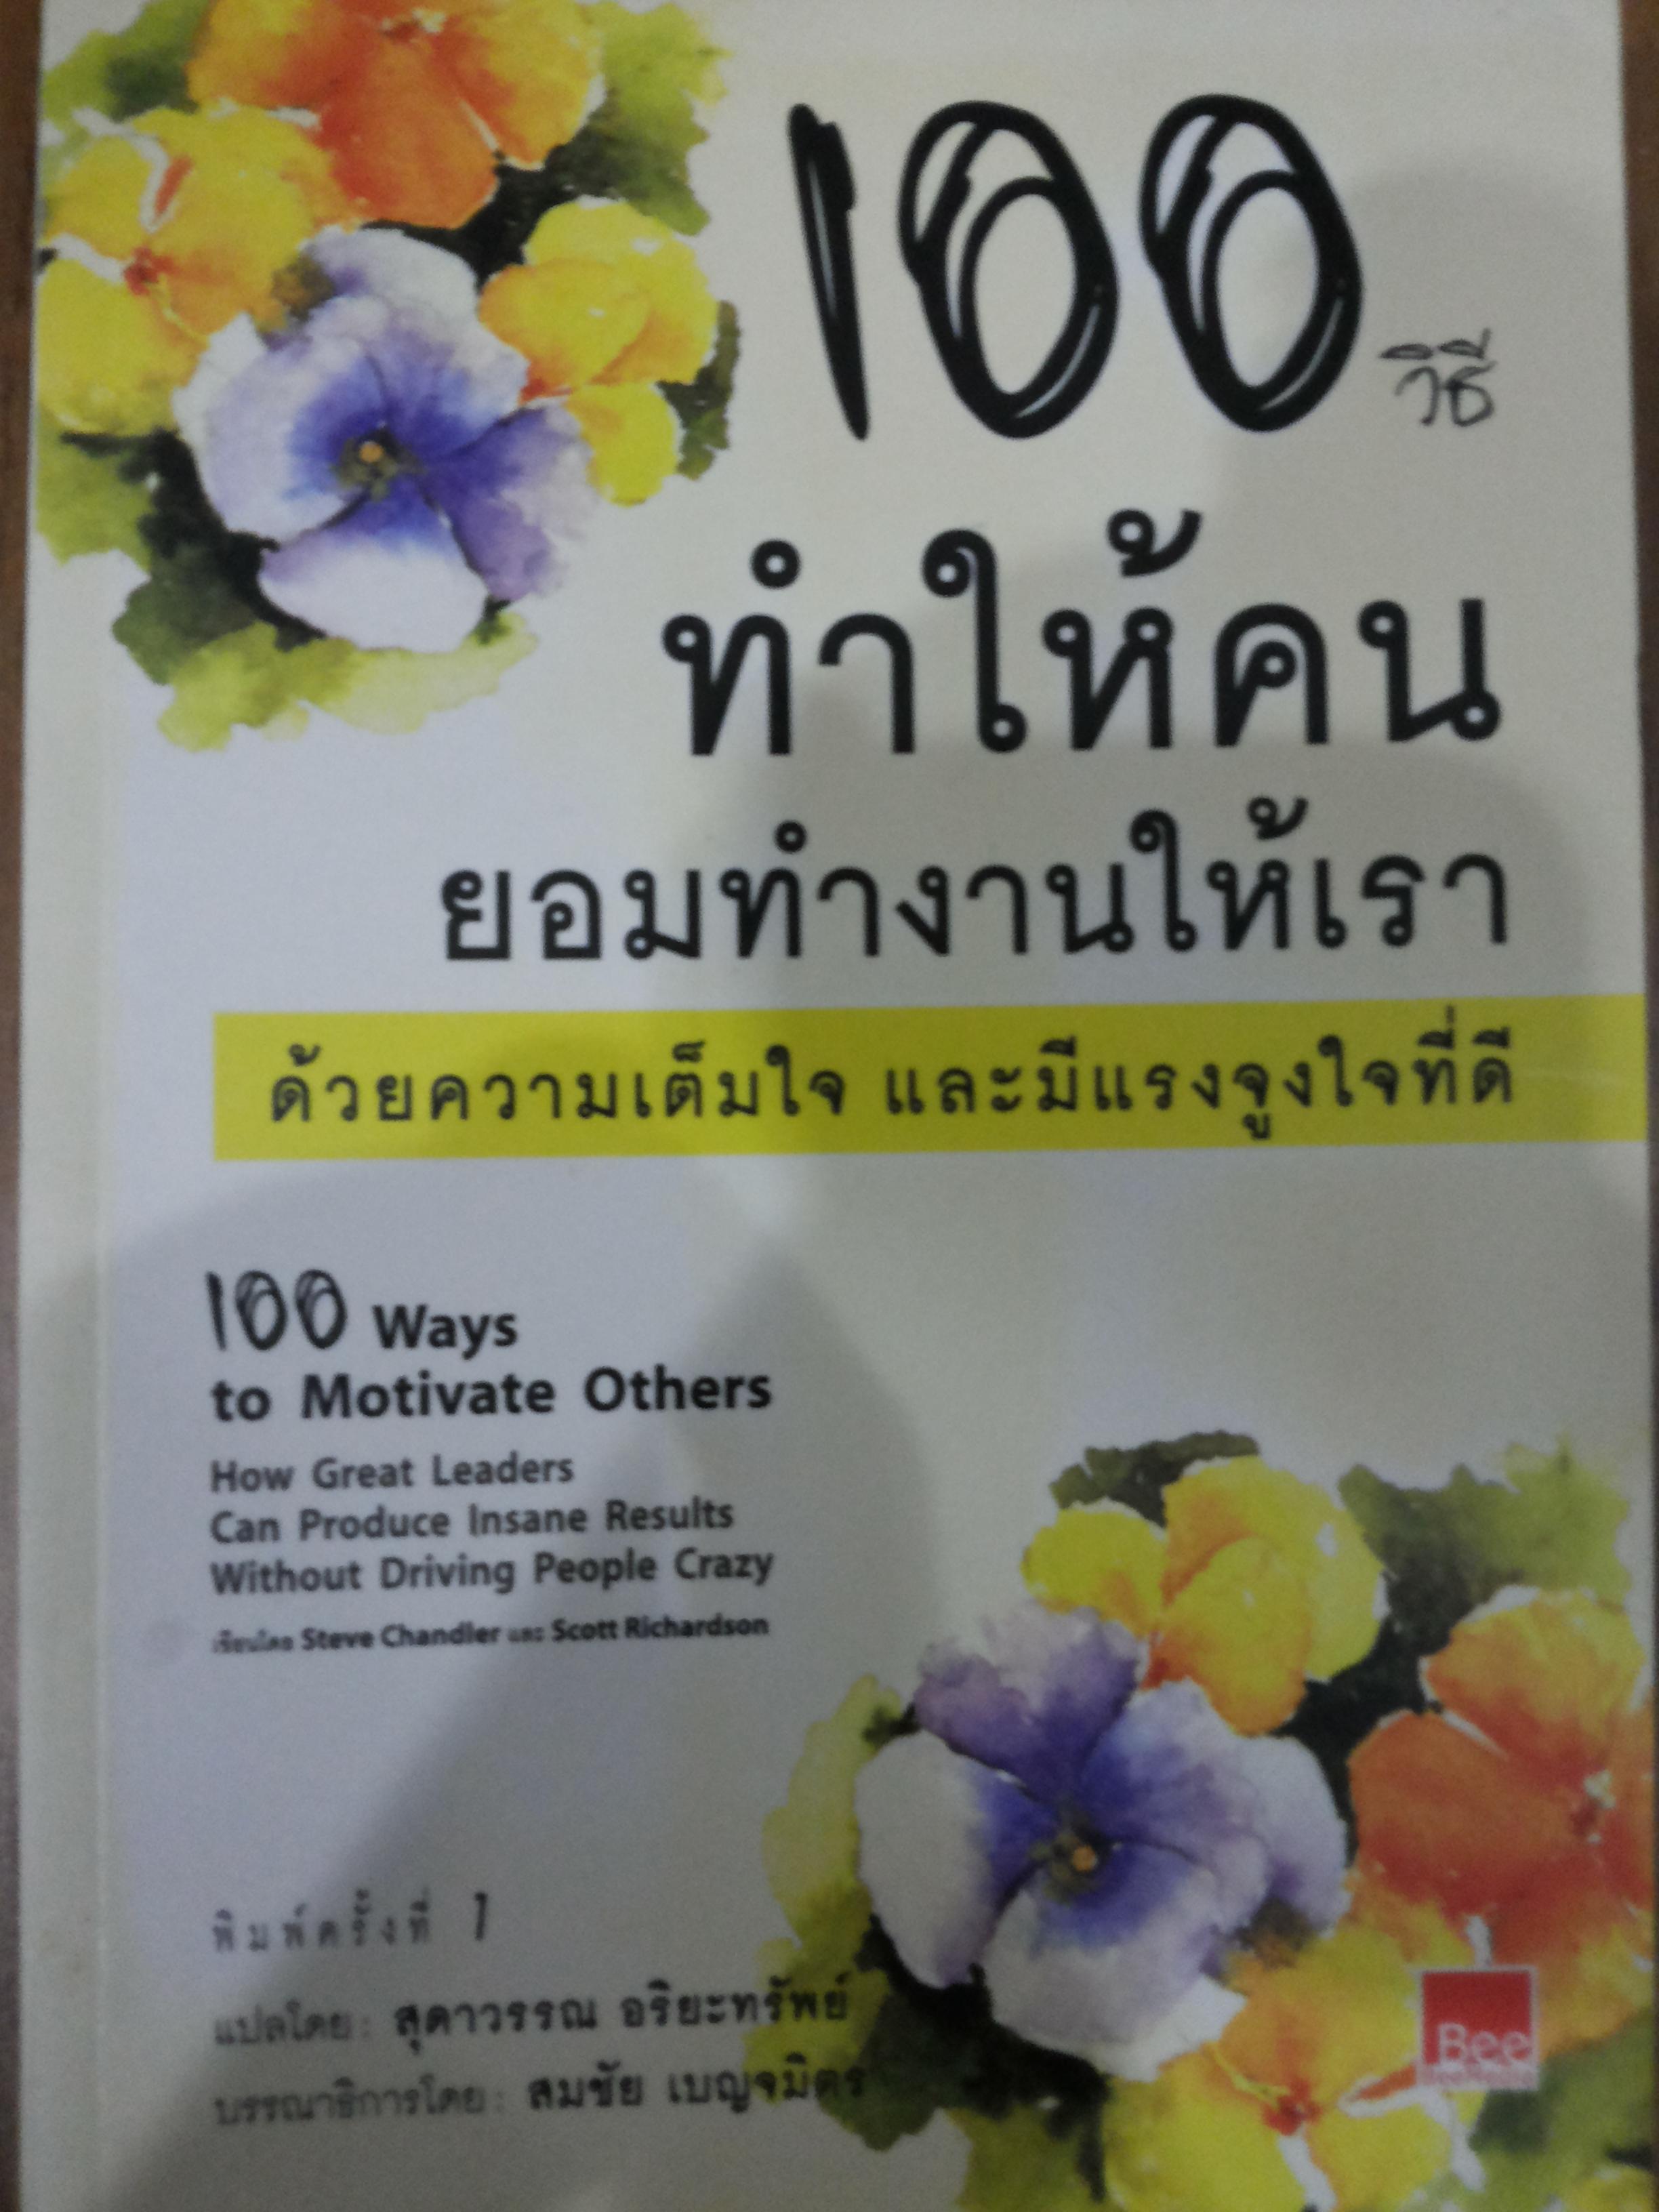 100วิธี ทำให้คนยอมทำงานให้เรา